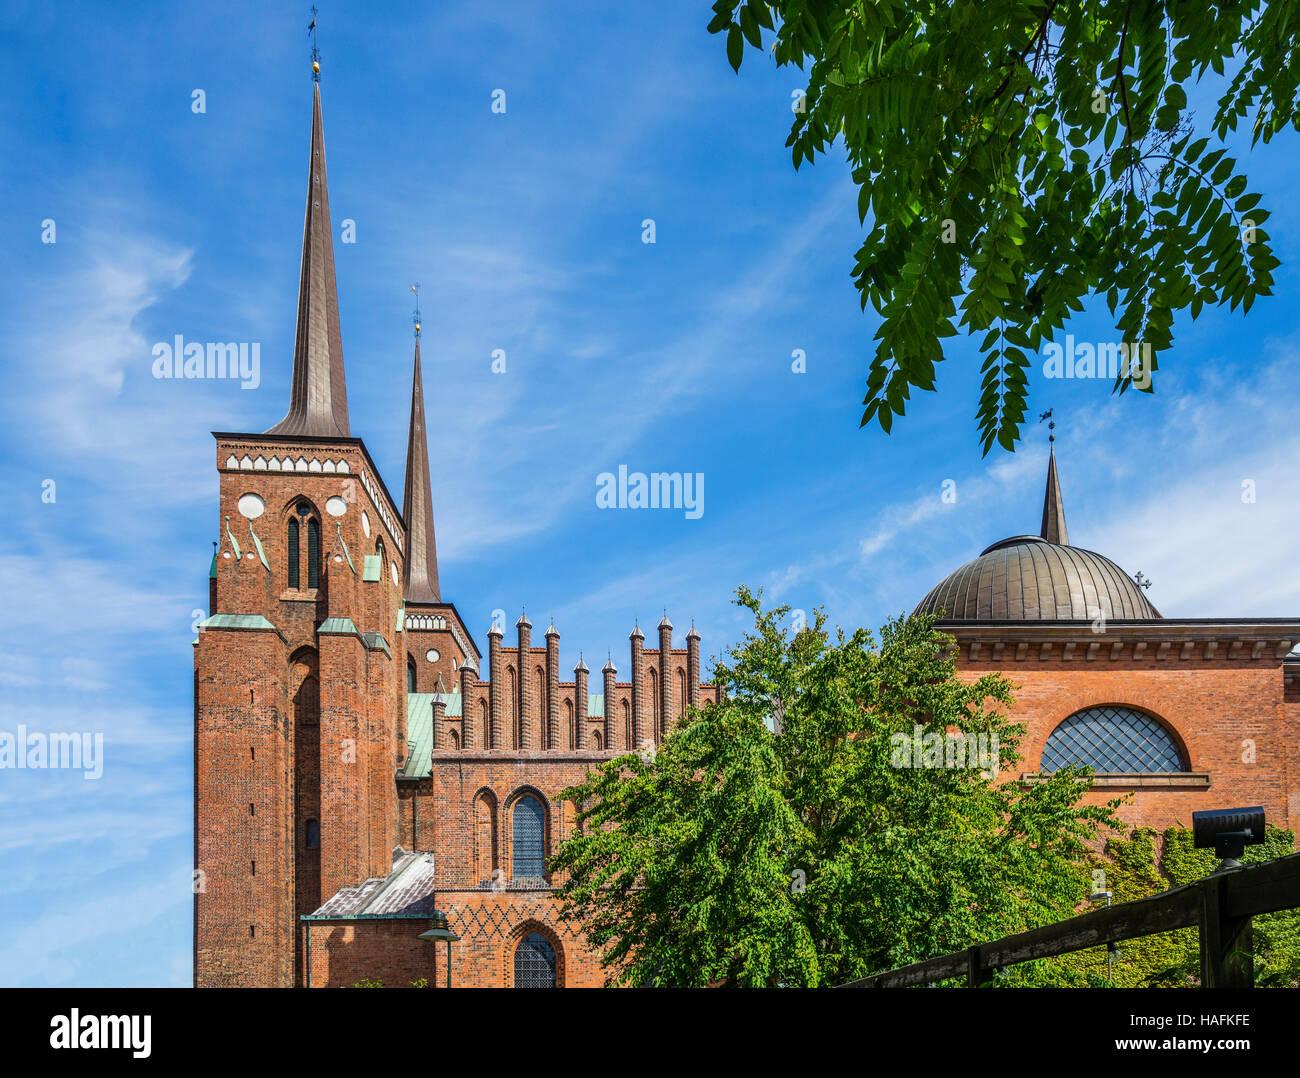 La Danimarca, la Zelanda, Roskilde, vista del mattone gotico della Cattedrale di Roskilde (Roskilde Domkirke) Immagini Stock